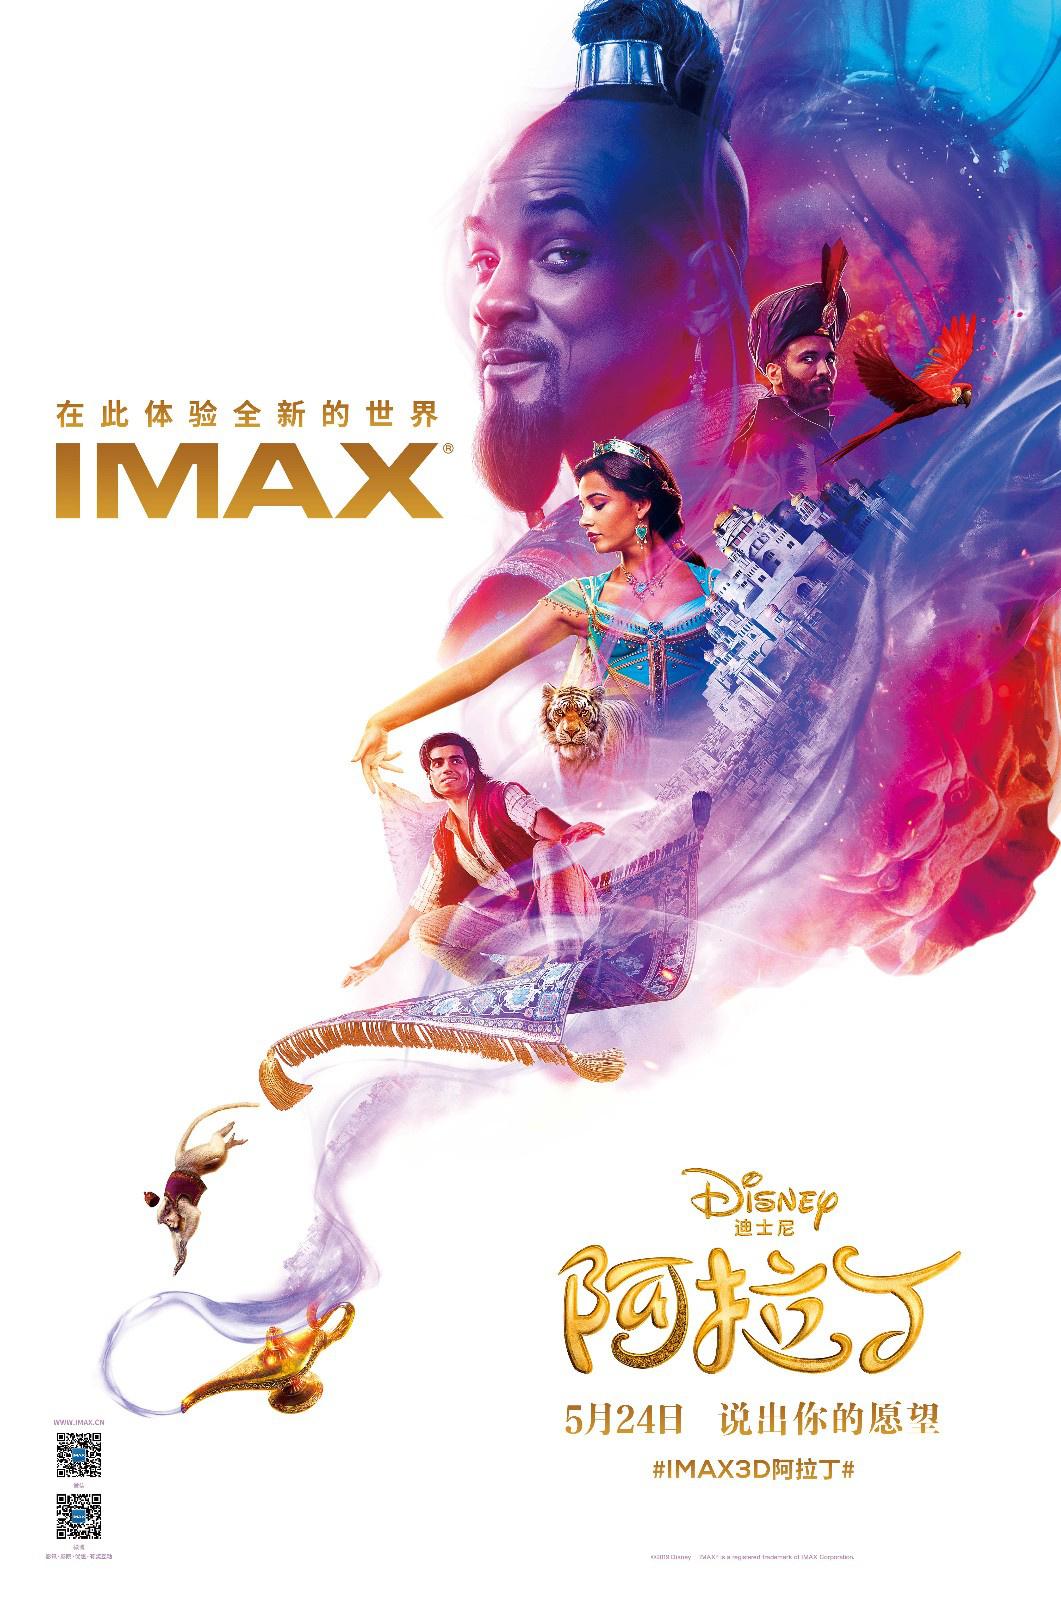 《阿拉丁》曝IMAX海报 浪漫升级重塑迪士尼经典